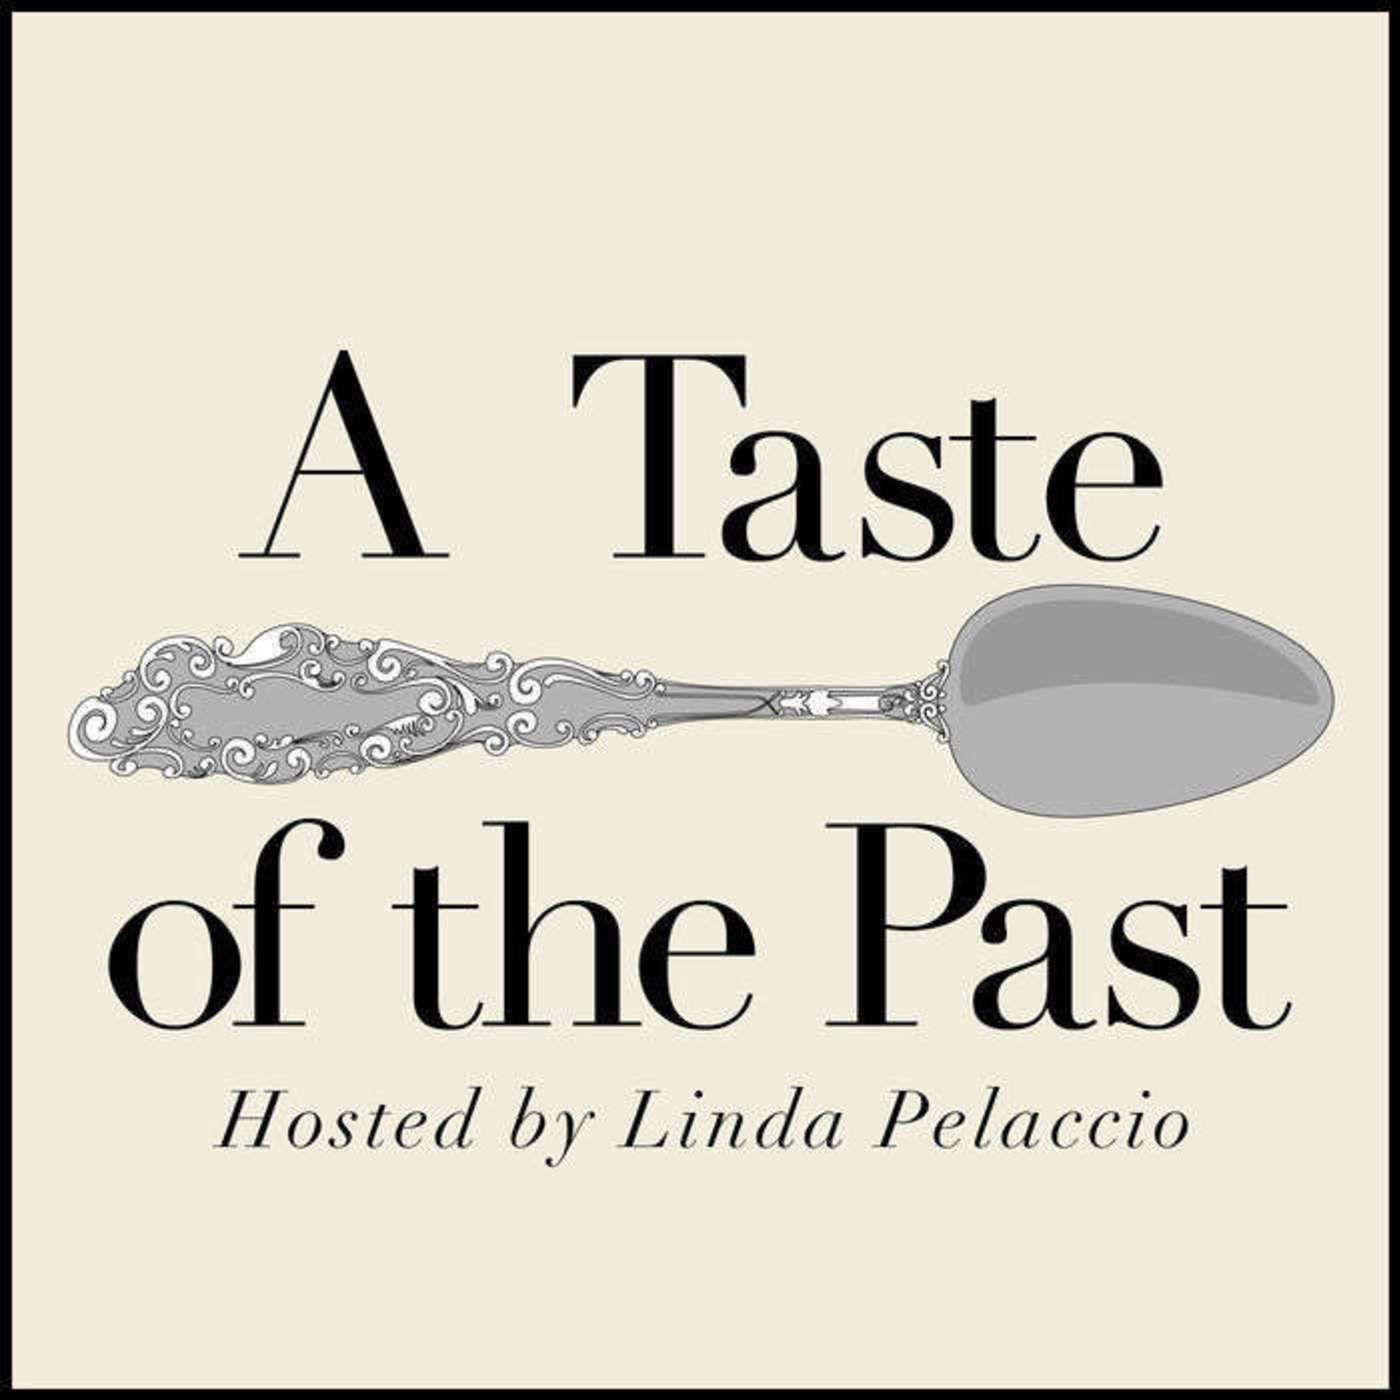 Episode 210: Manuscript Cookbooks